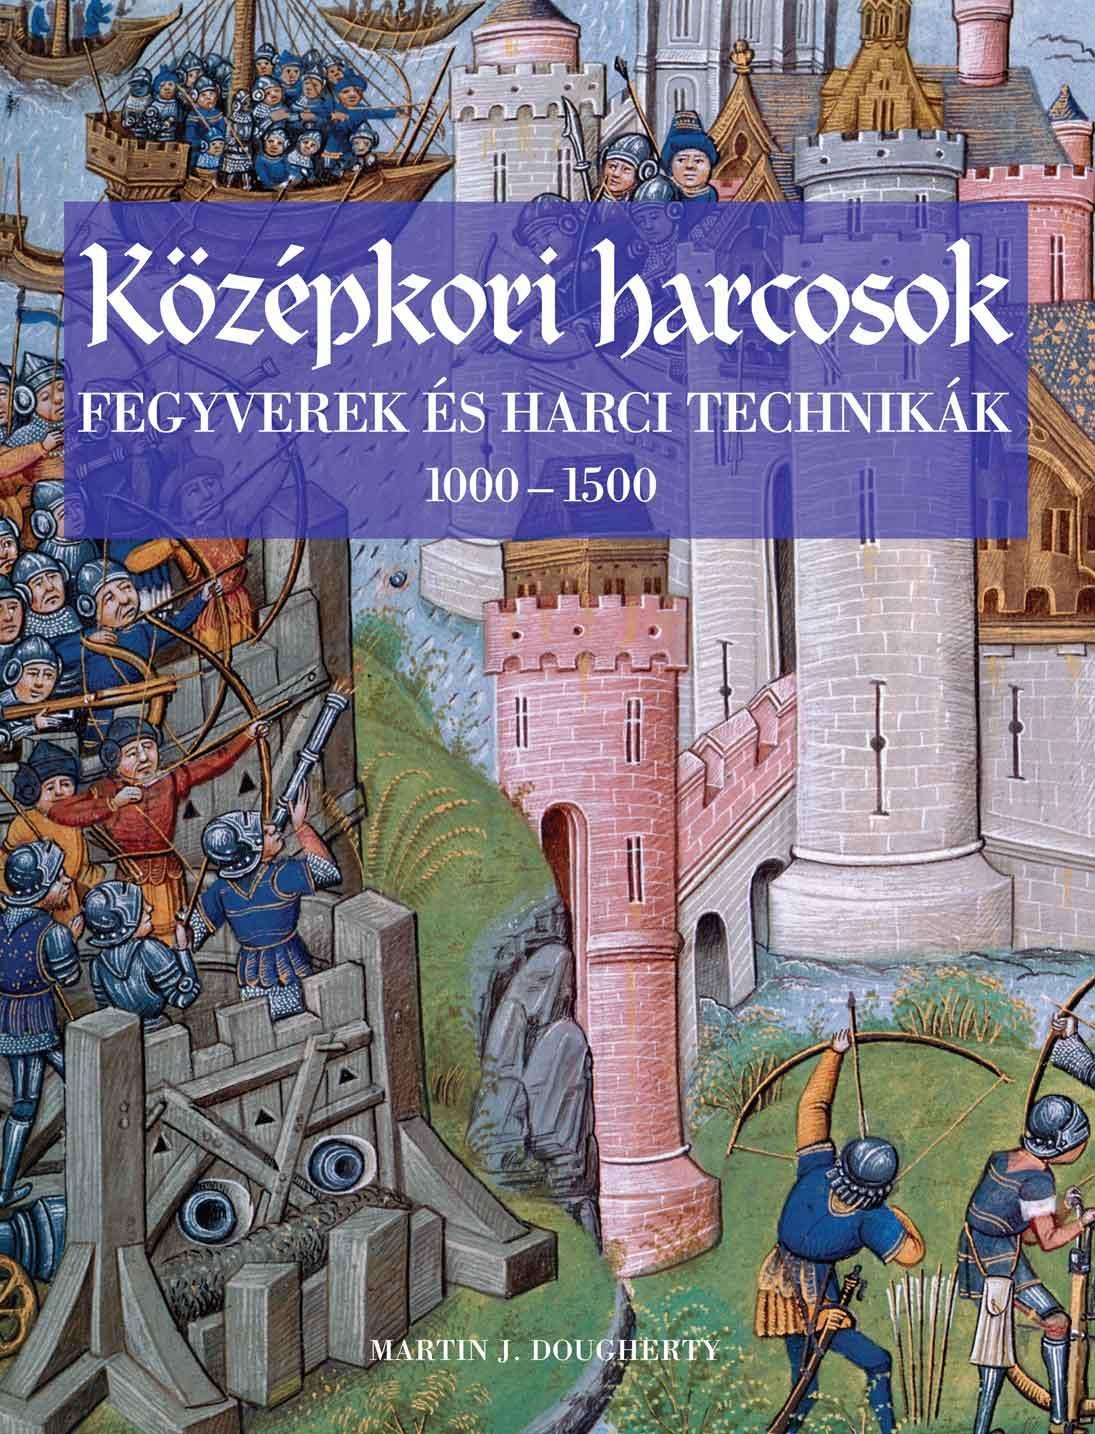 KÖZÉPKORI HARCOSOK - FEGYVEREK ÉS HARCI TECHNIKÁK 1000-1500